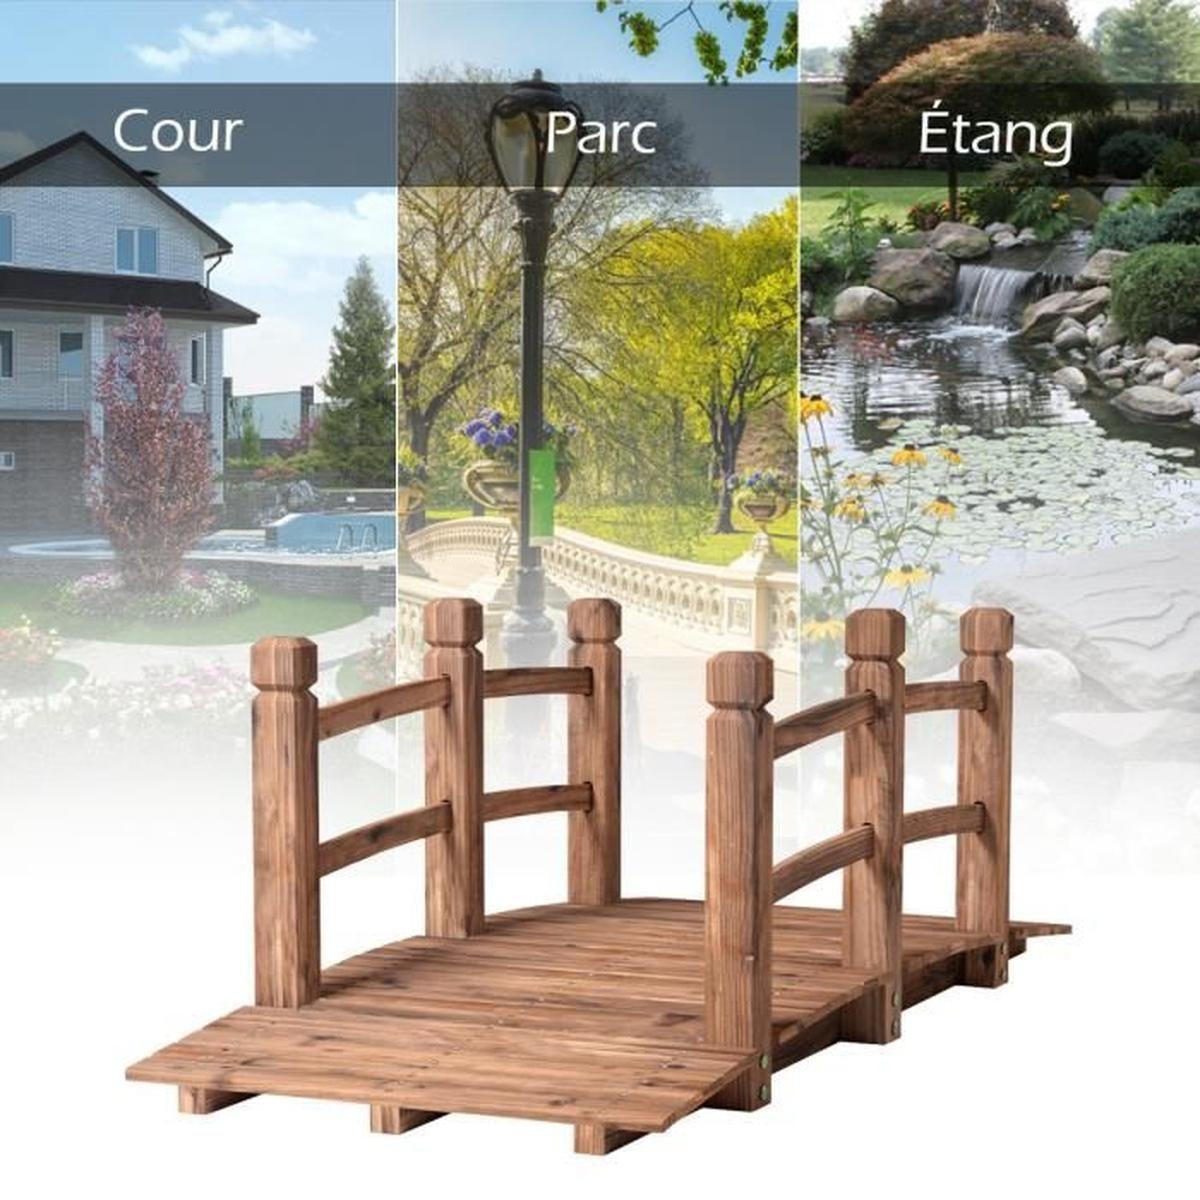 Pont De Jardin En Bois 150 X 67 X 55Cm Pont D'etang Pont De ... tout Pont En Bois Pour Jardin